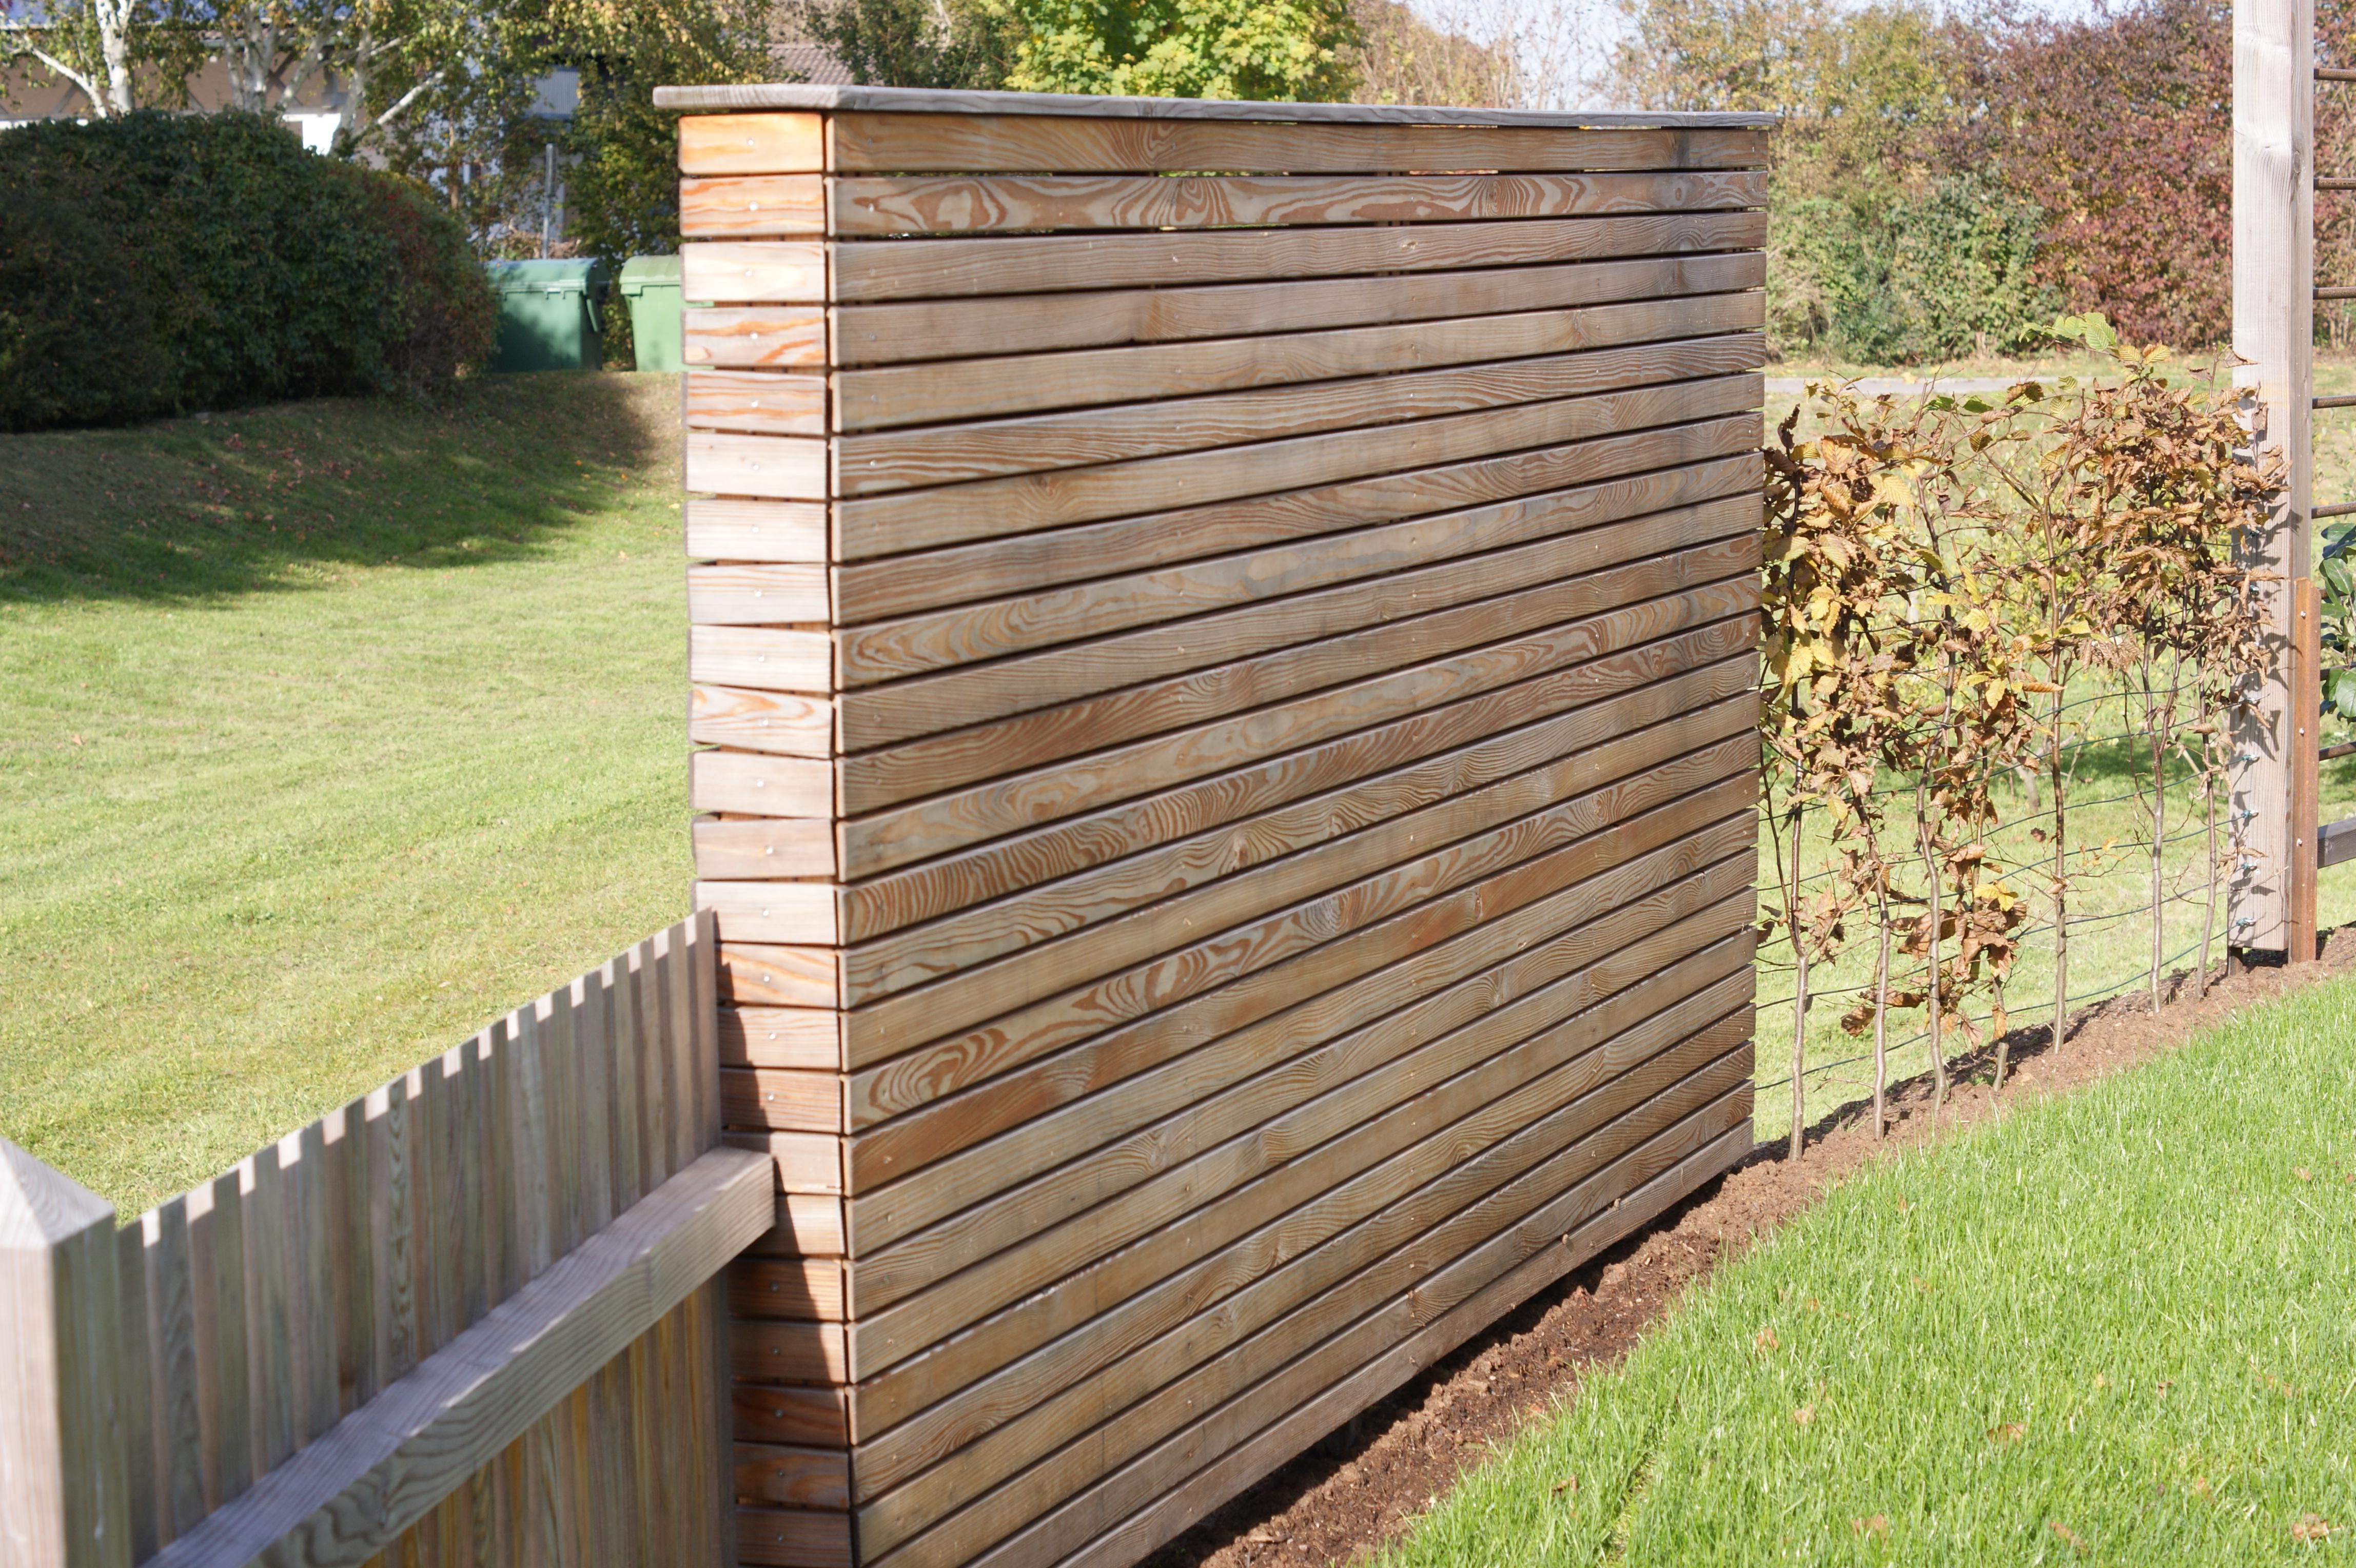 Zaunelemente Holz Sichtschutz Hornbach – Bvrao